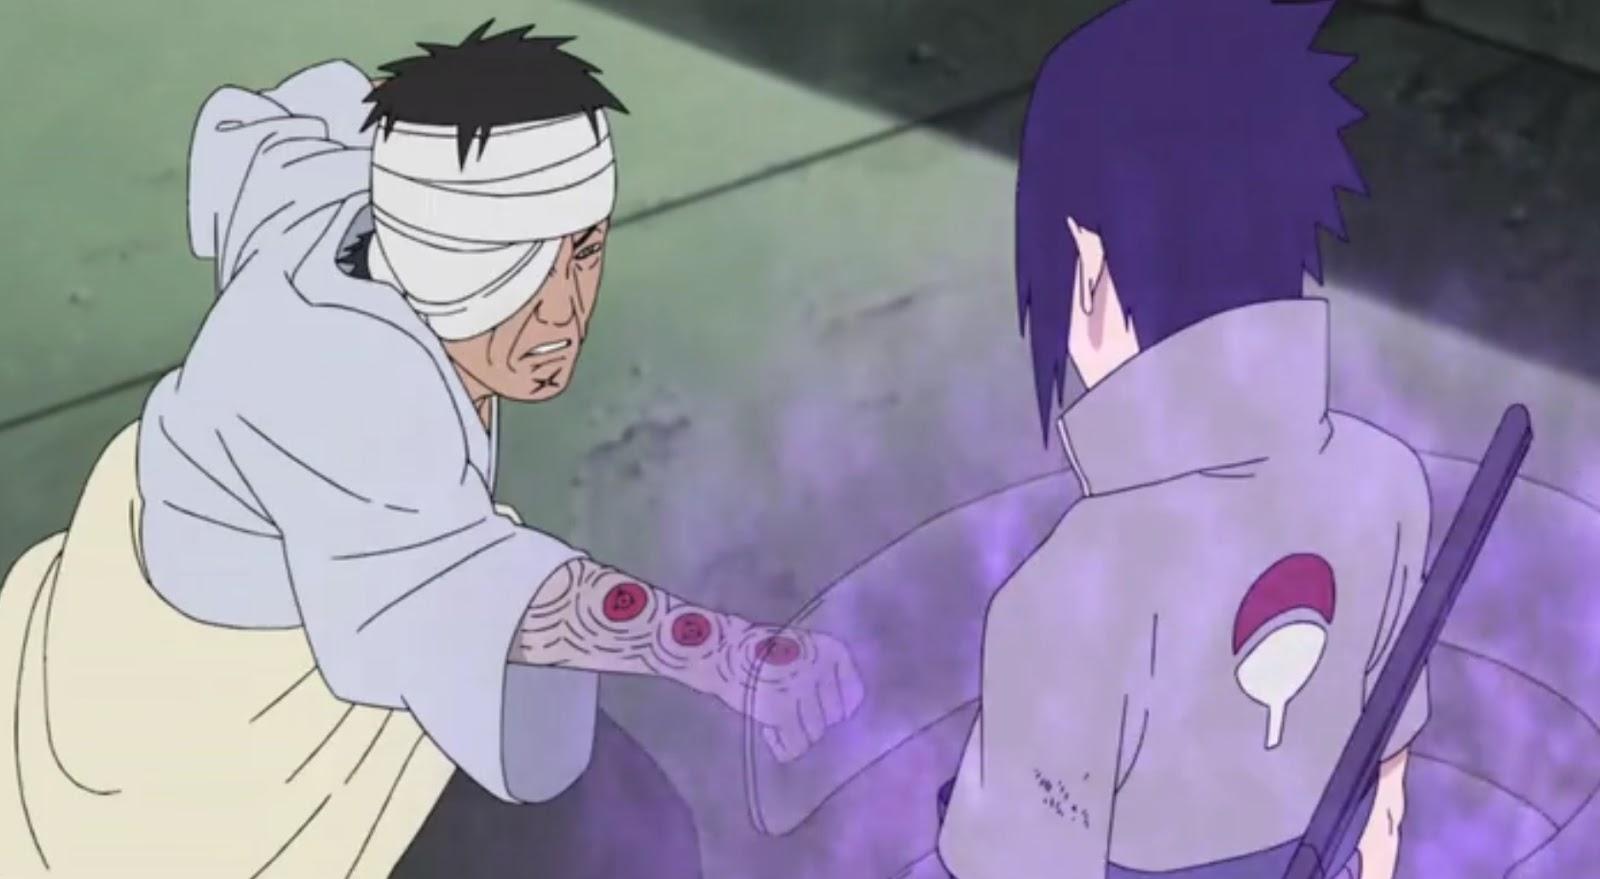 Naruto Shippuden Episódio 209, Assistir Naruto Shippuden Episódio 209, Assistir Naruto Shippuden Todos os Episódios Legendado, Naruto Shippuden episódio 209,HD